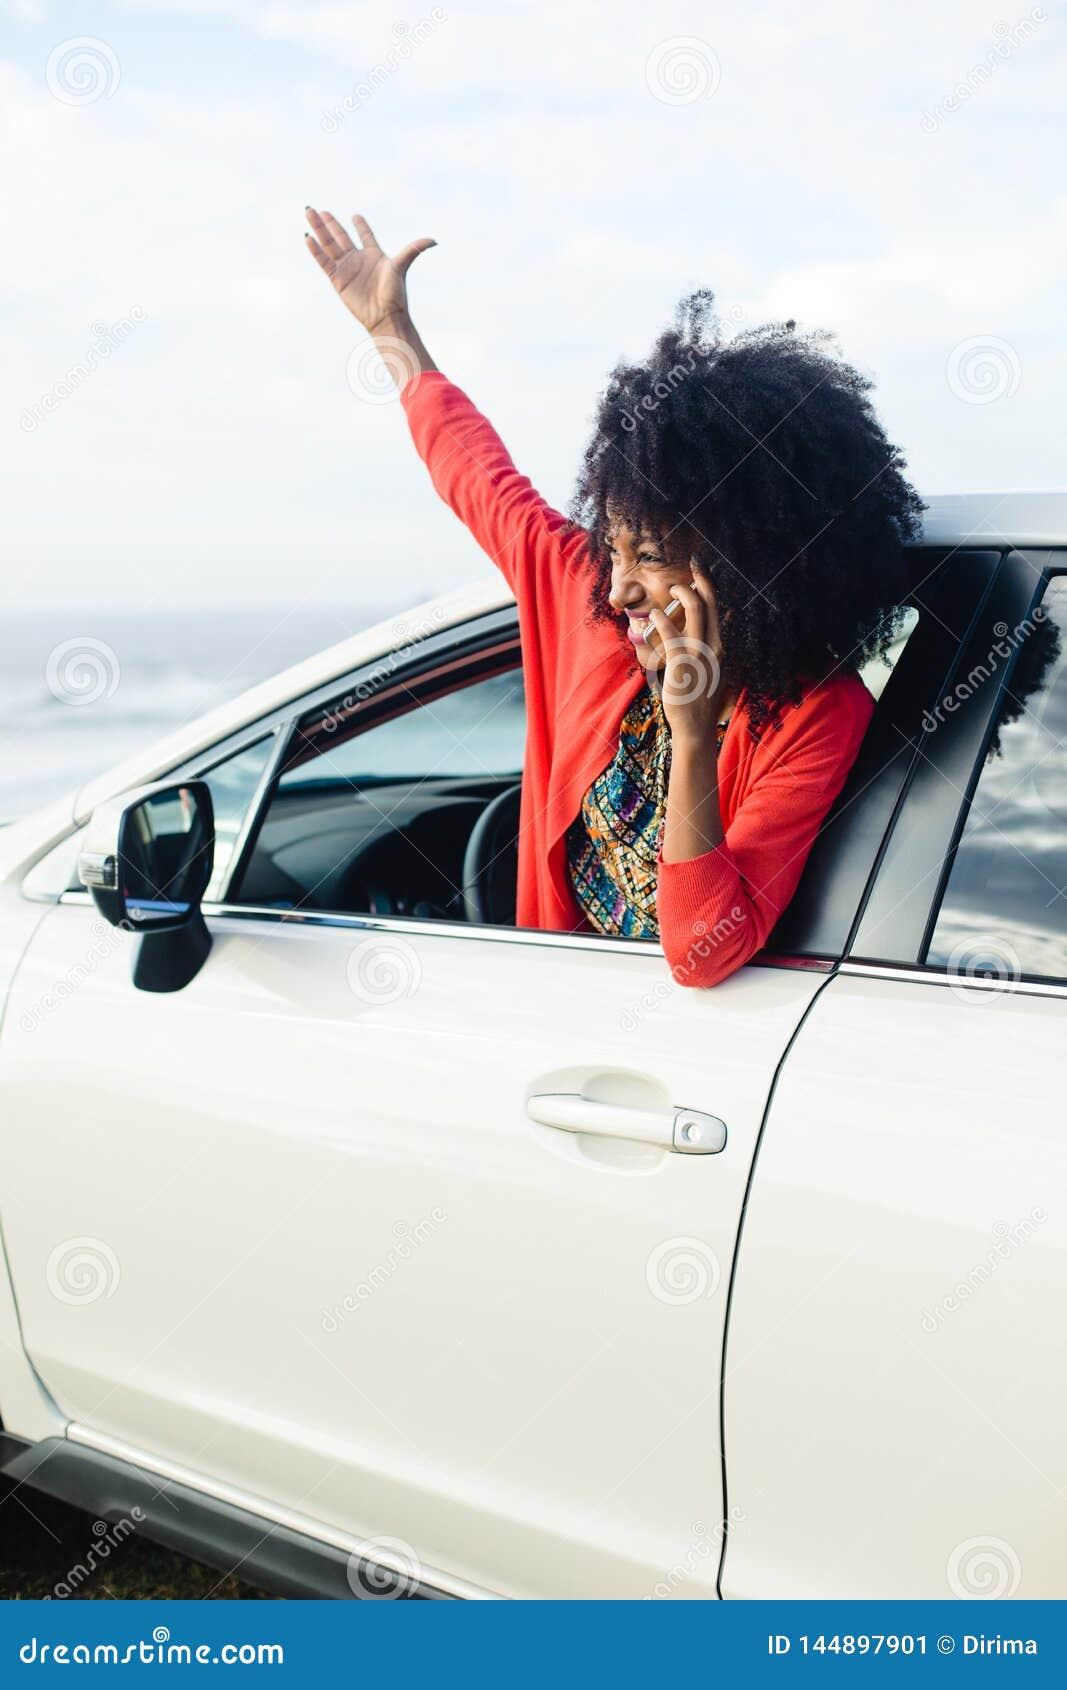 Woman having fun on car travel to the coast